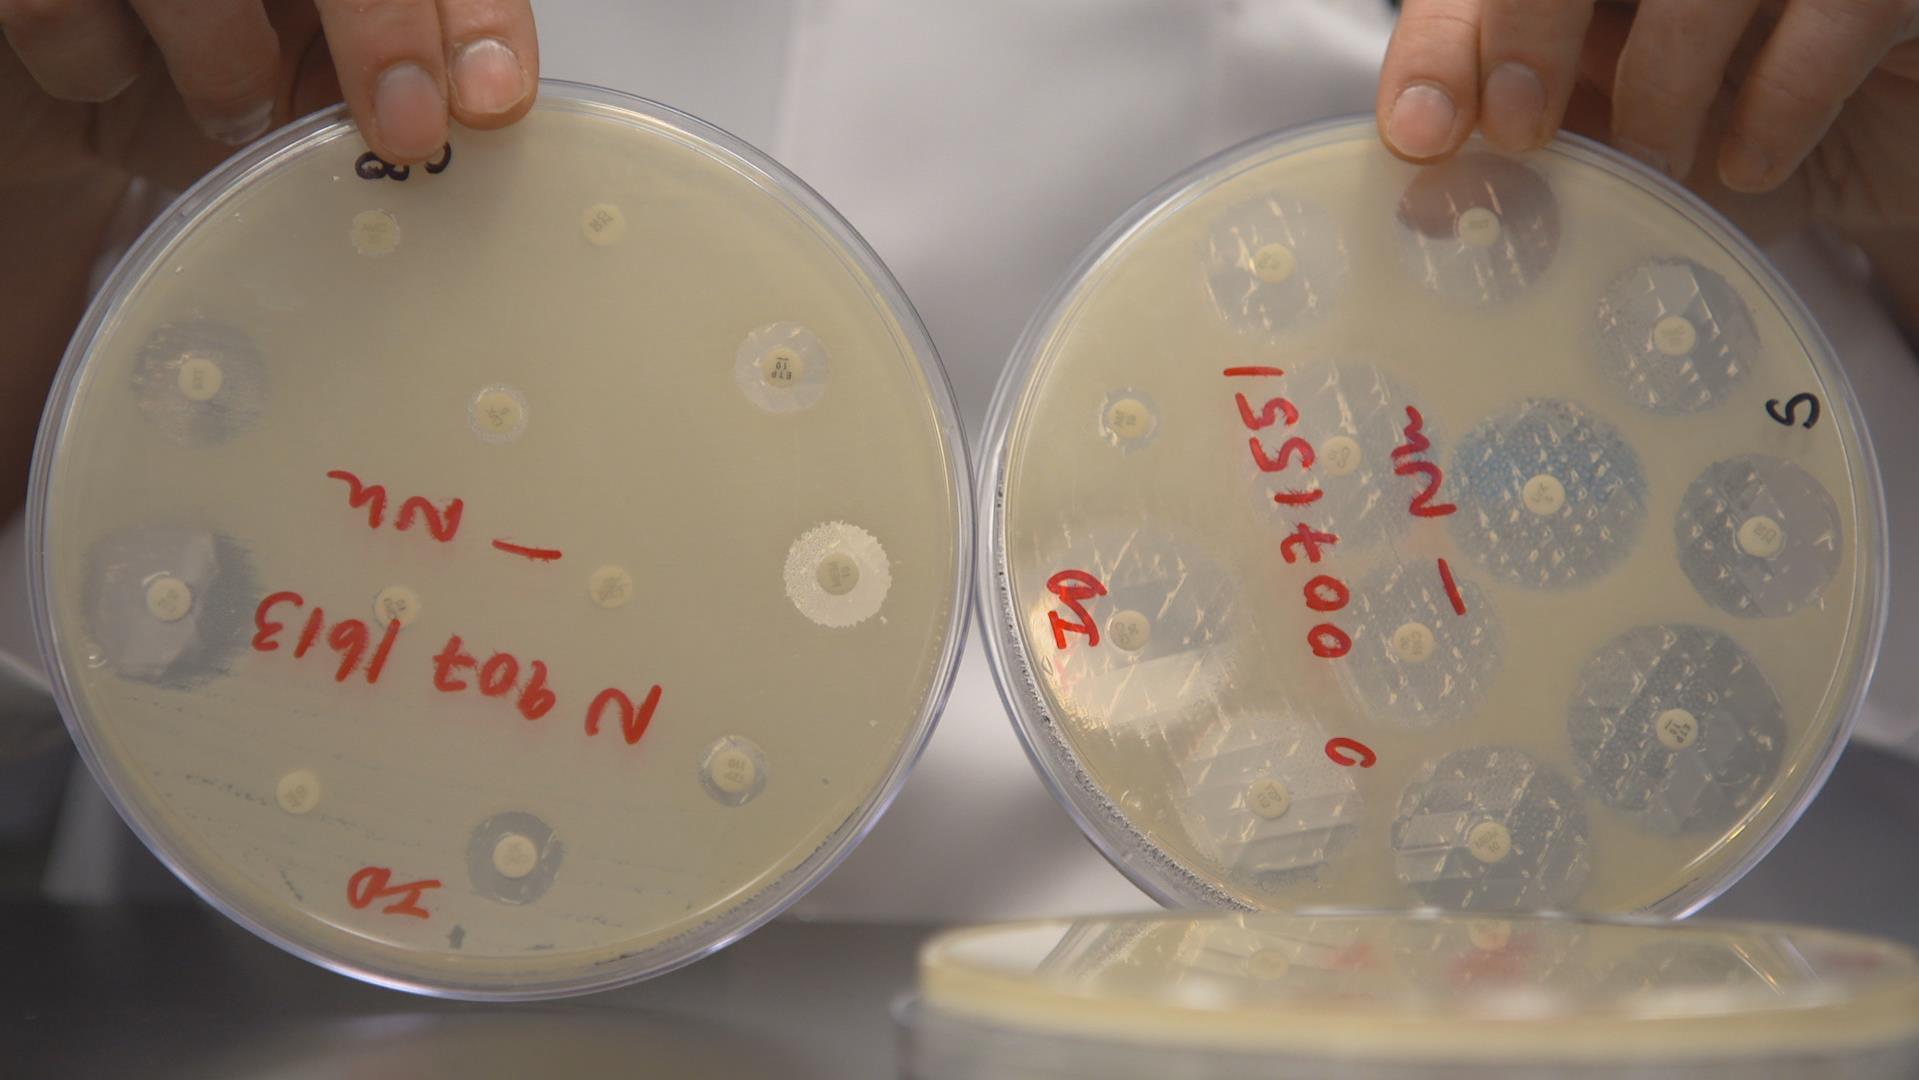 Dans ces boîtes de Petri, chacune des petites pastilles est imbibée d'un antibiotique différent. Le film blanchâtre qui recouvre le plat de Petri est un tapis de bactéries. À droite, une culture de bactérie typique des années 80, sensible à presque tous les antibiotiques. Elle ne parvient pas à se multiplier autour de la majorité des pastilles : les médecins ont beaucoup de choix thérapeutiques. À gauche, une culture d'EPC, résistante à presque tous les antibiotiques.